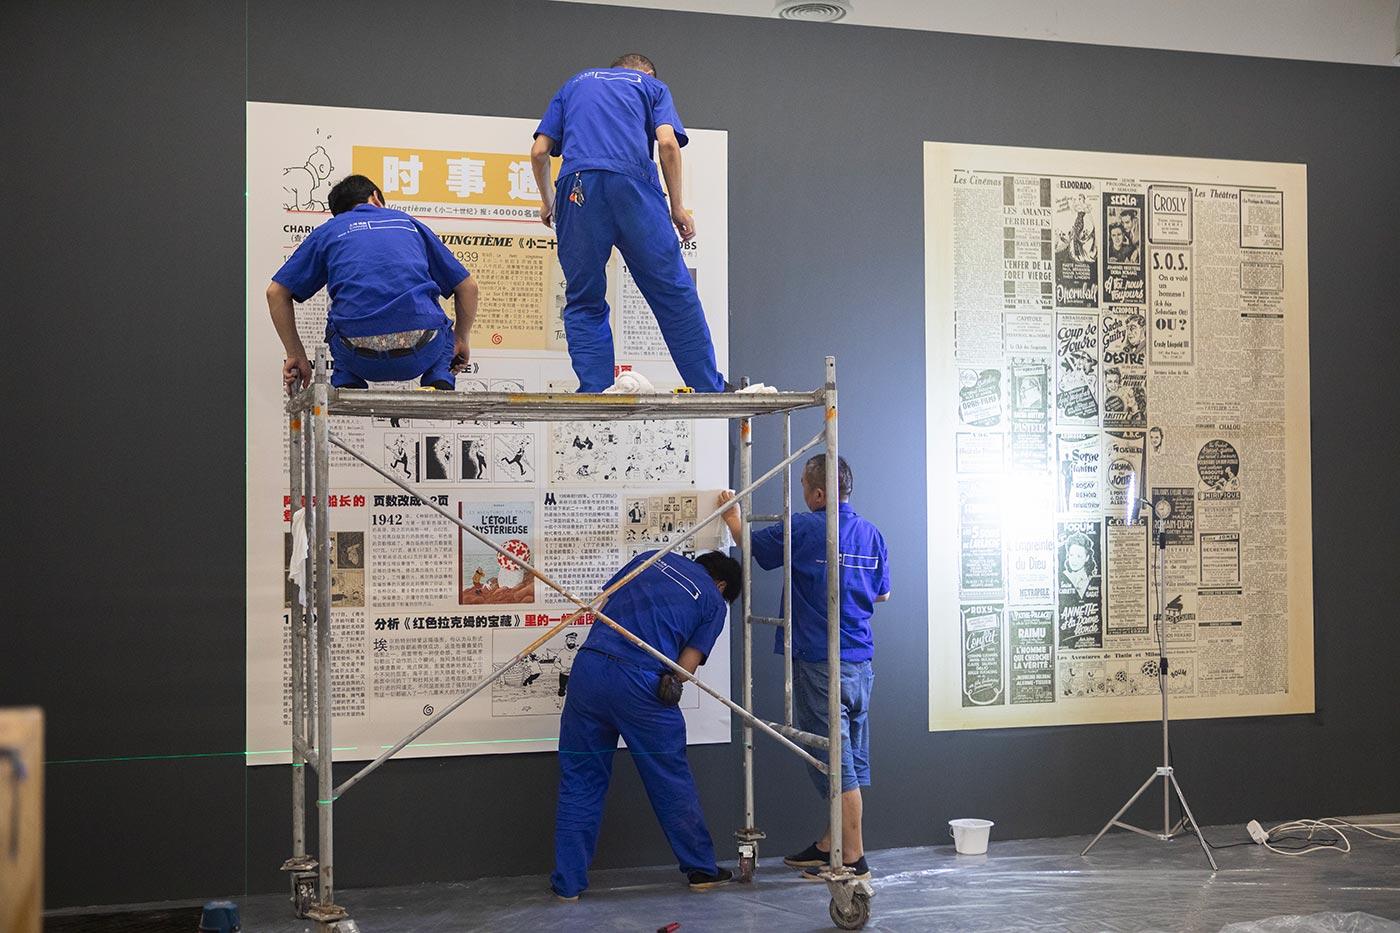 Exhibition Hergé set up